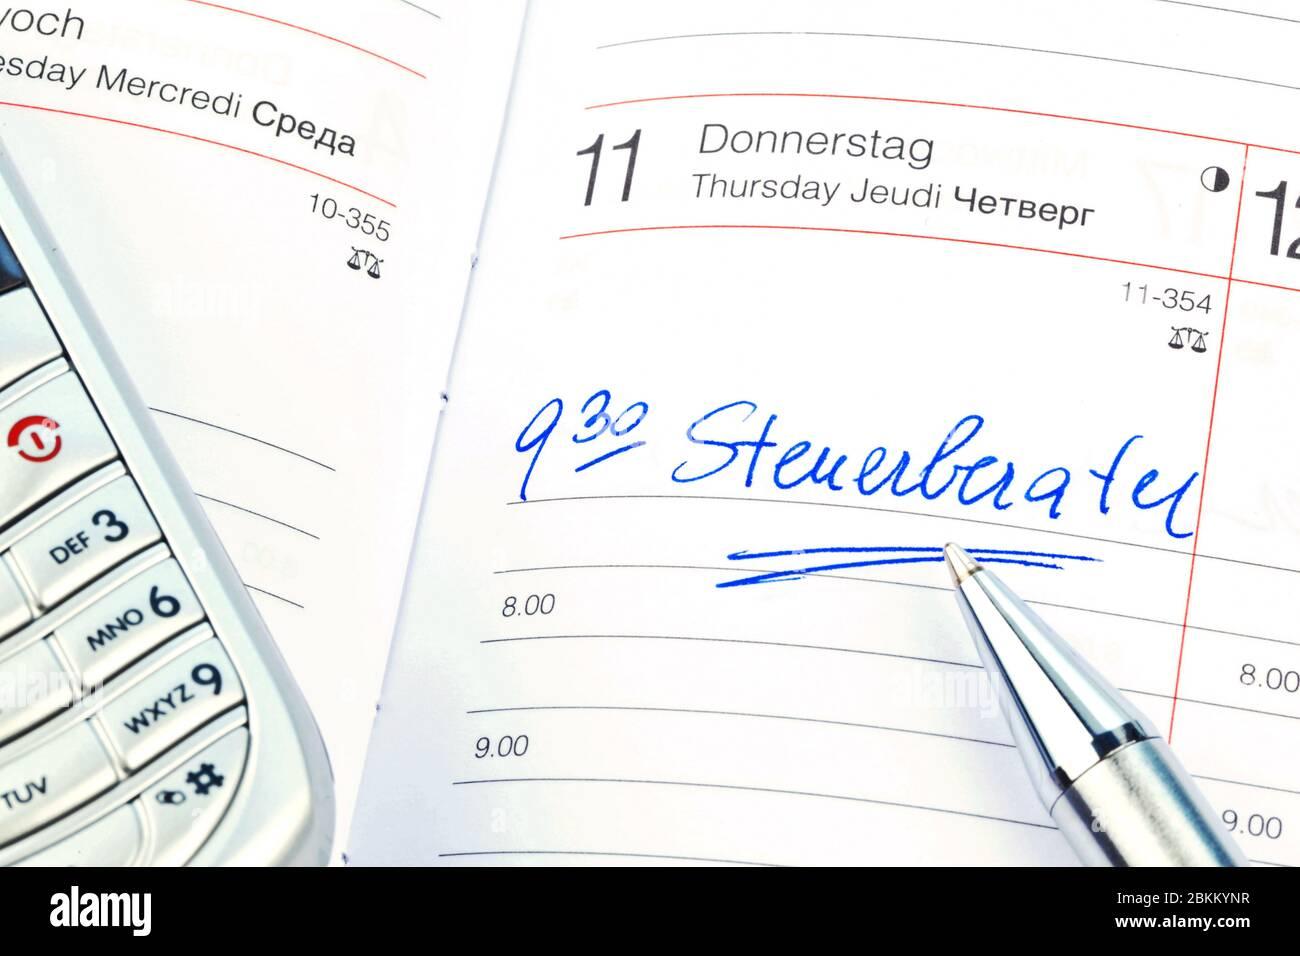 Ein Termin ist in einem Kalender eingetragen:  Steuerberater Stock Photo